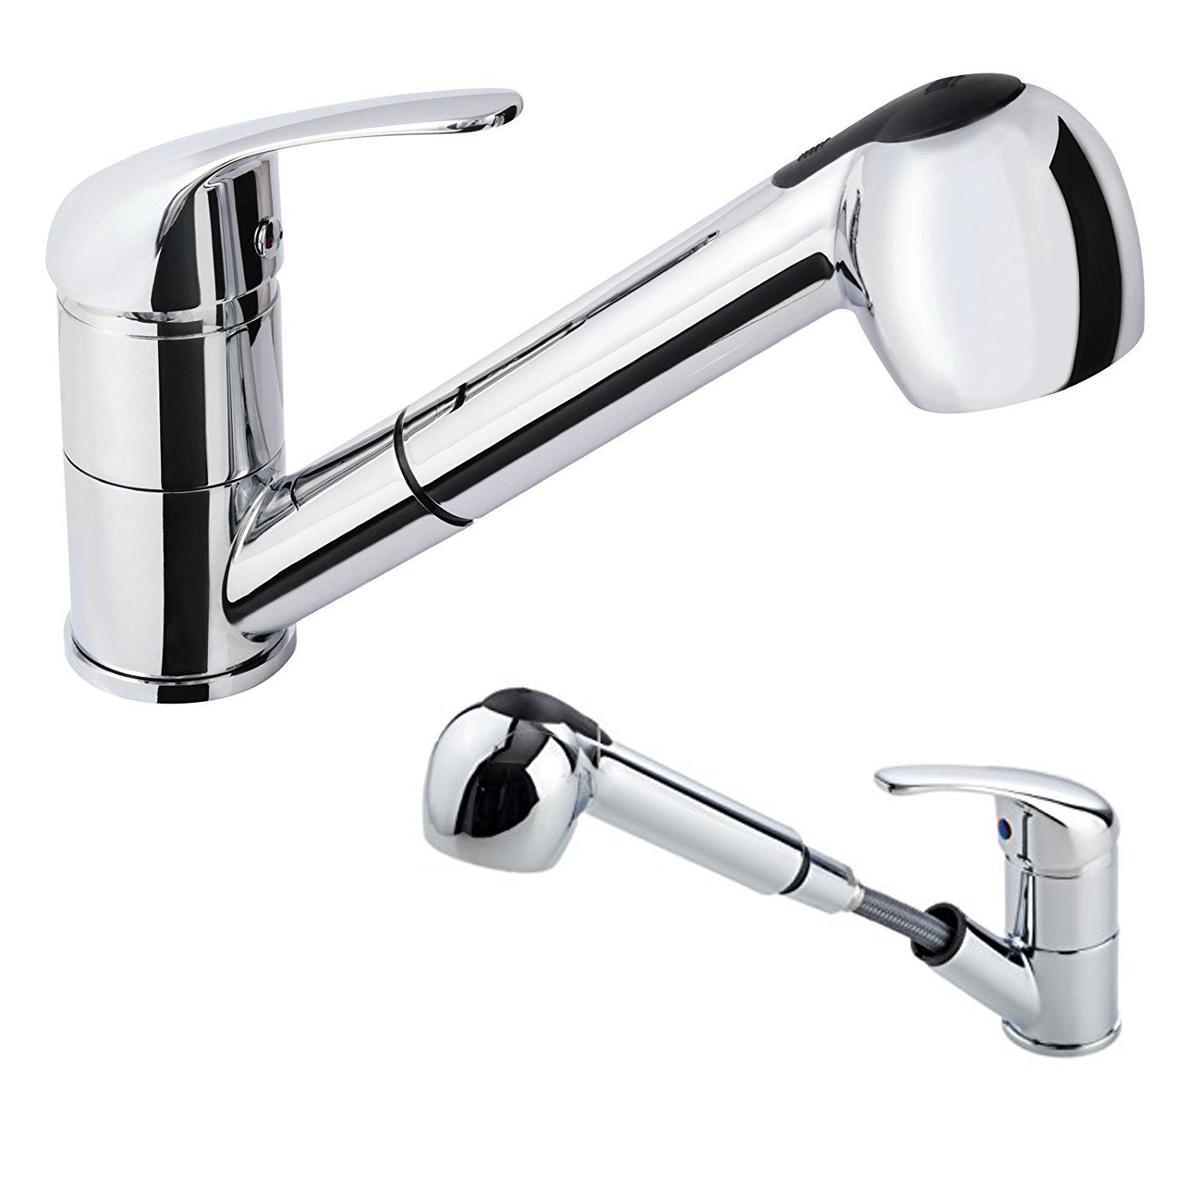 Miscelatore Rubinetto per lavabo Miscelatore per bagno Cucina Bagno monocomando da lavabo